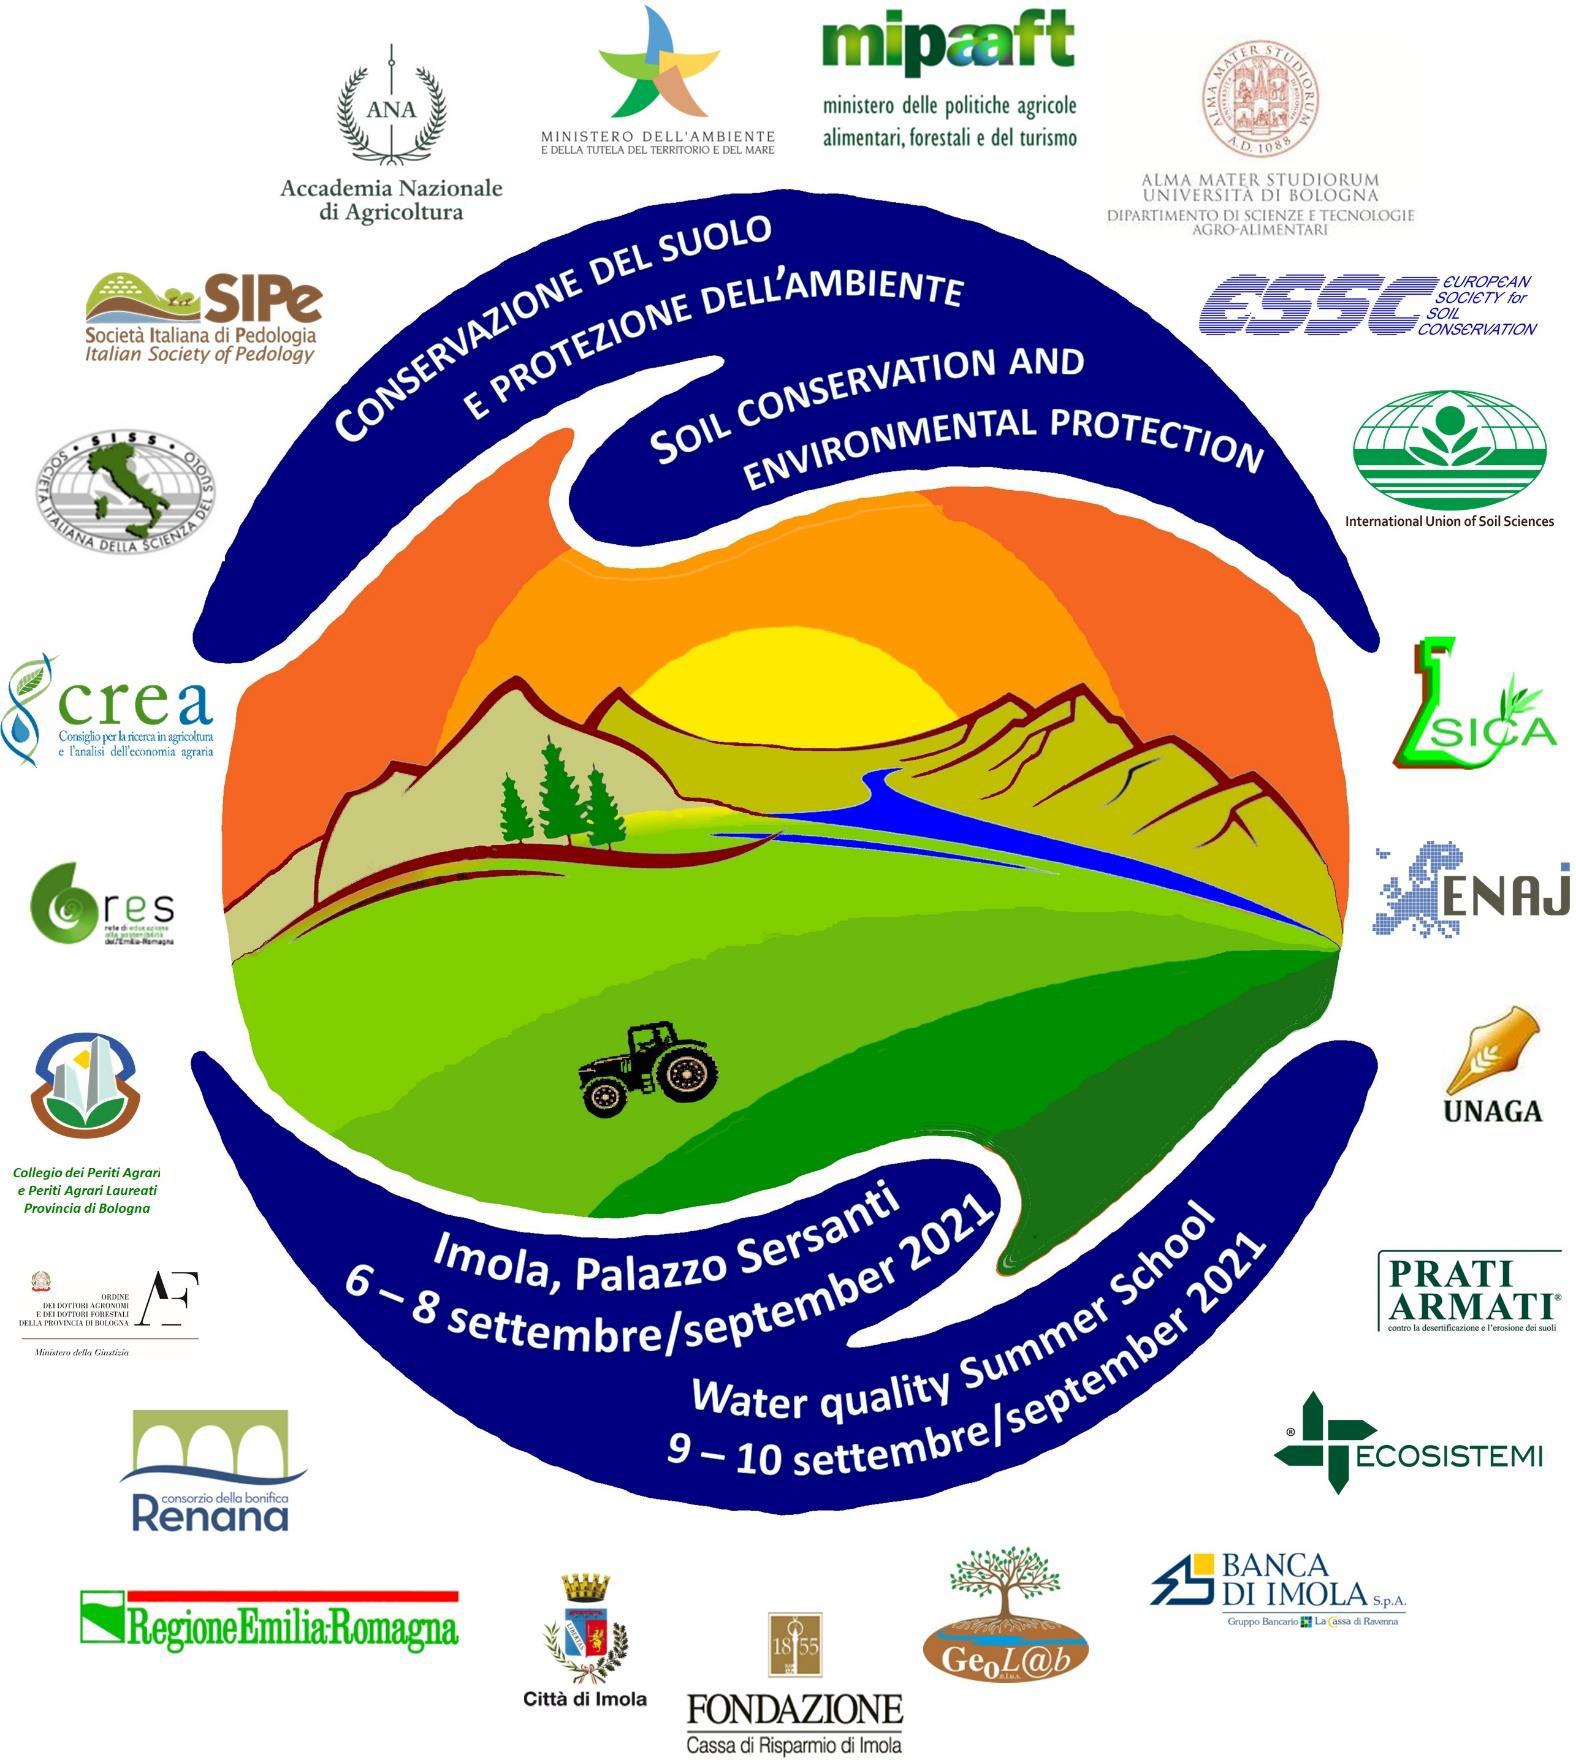 CONSERVAZIONE DEL SUOLO E PROTEZIONE DELL'AMBIENTE 2021 – SOIL CONSERVATION AND ENVIRONMENTAL PROTECTION 2021